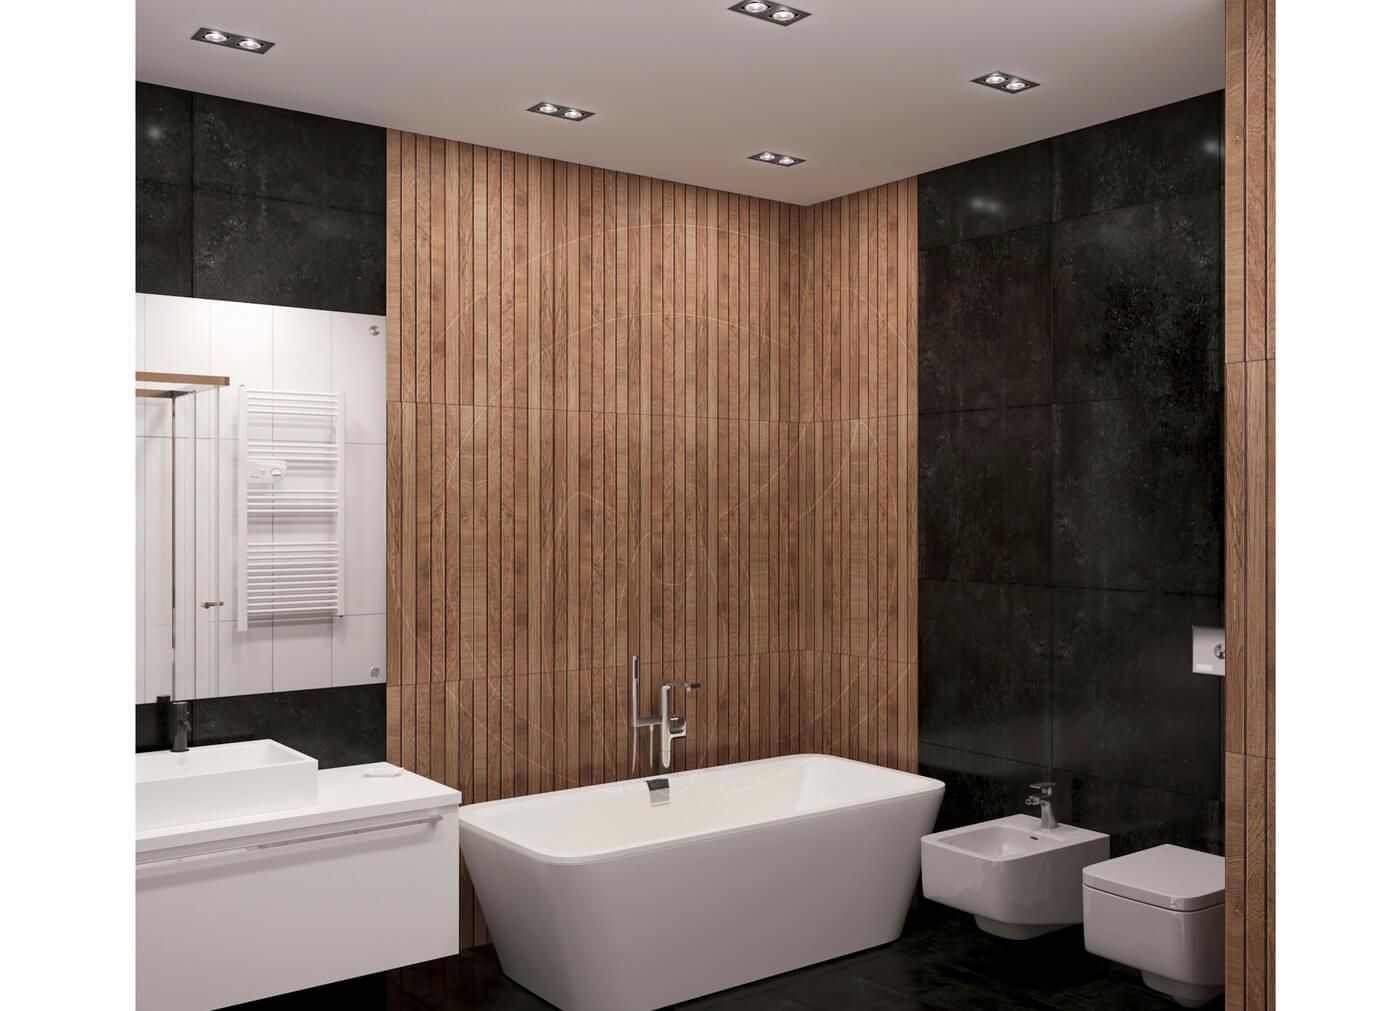 Квартира в скандинавском стиле и стиле LOFT. Санузел, ванна, плитка Porcelanosa